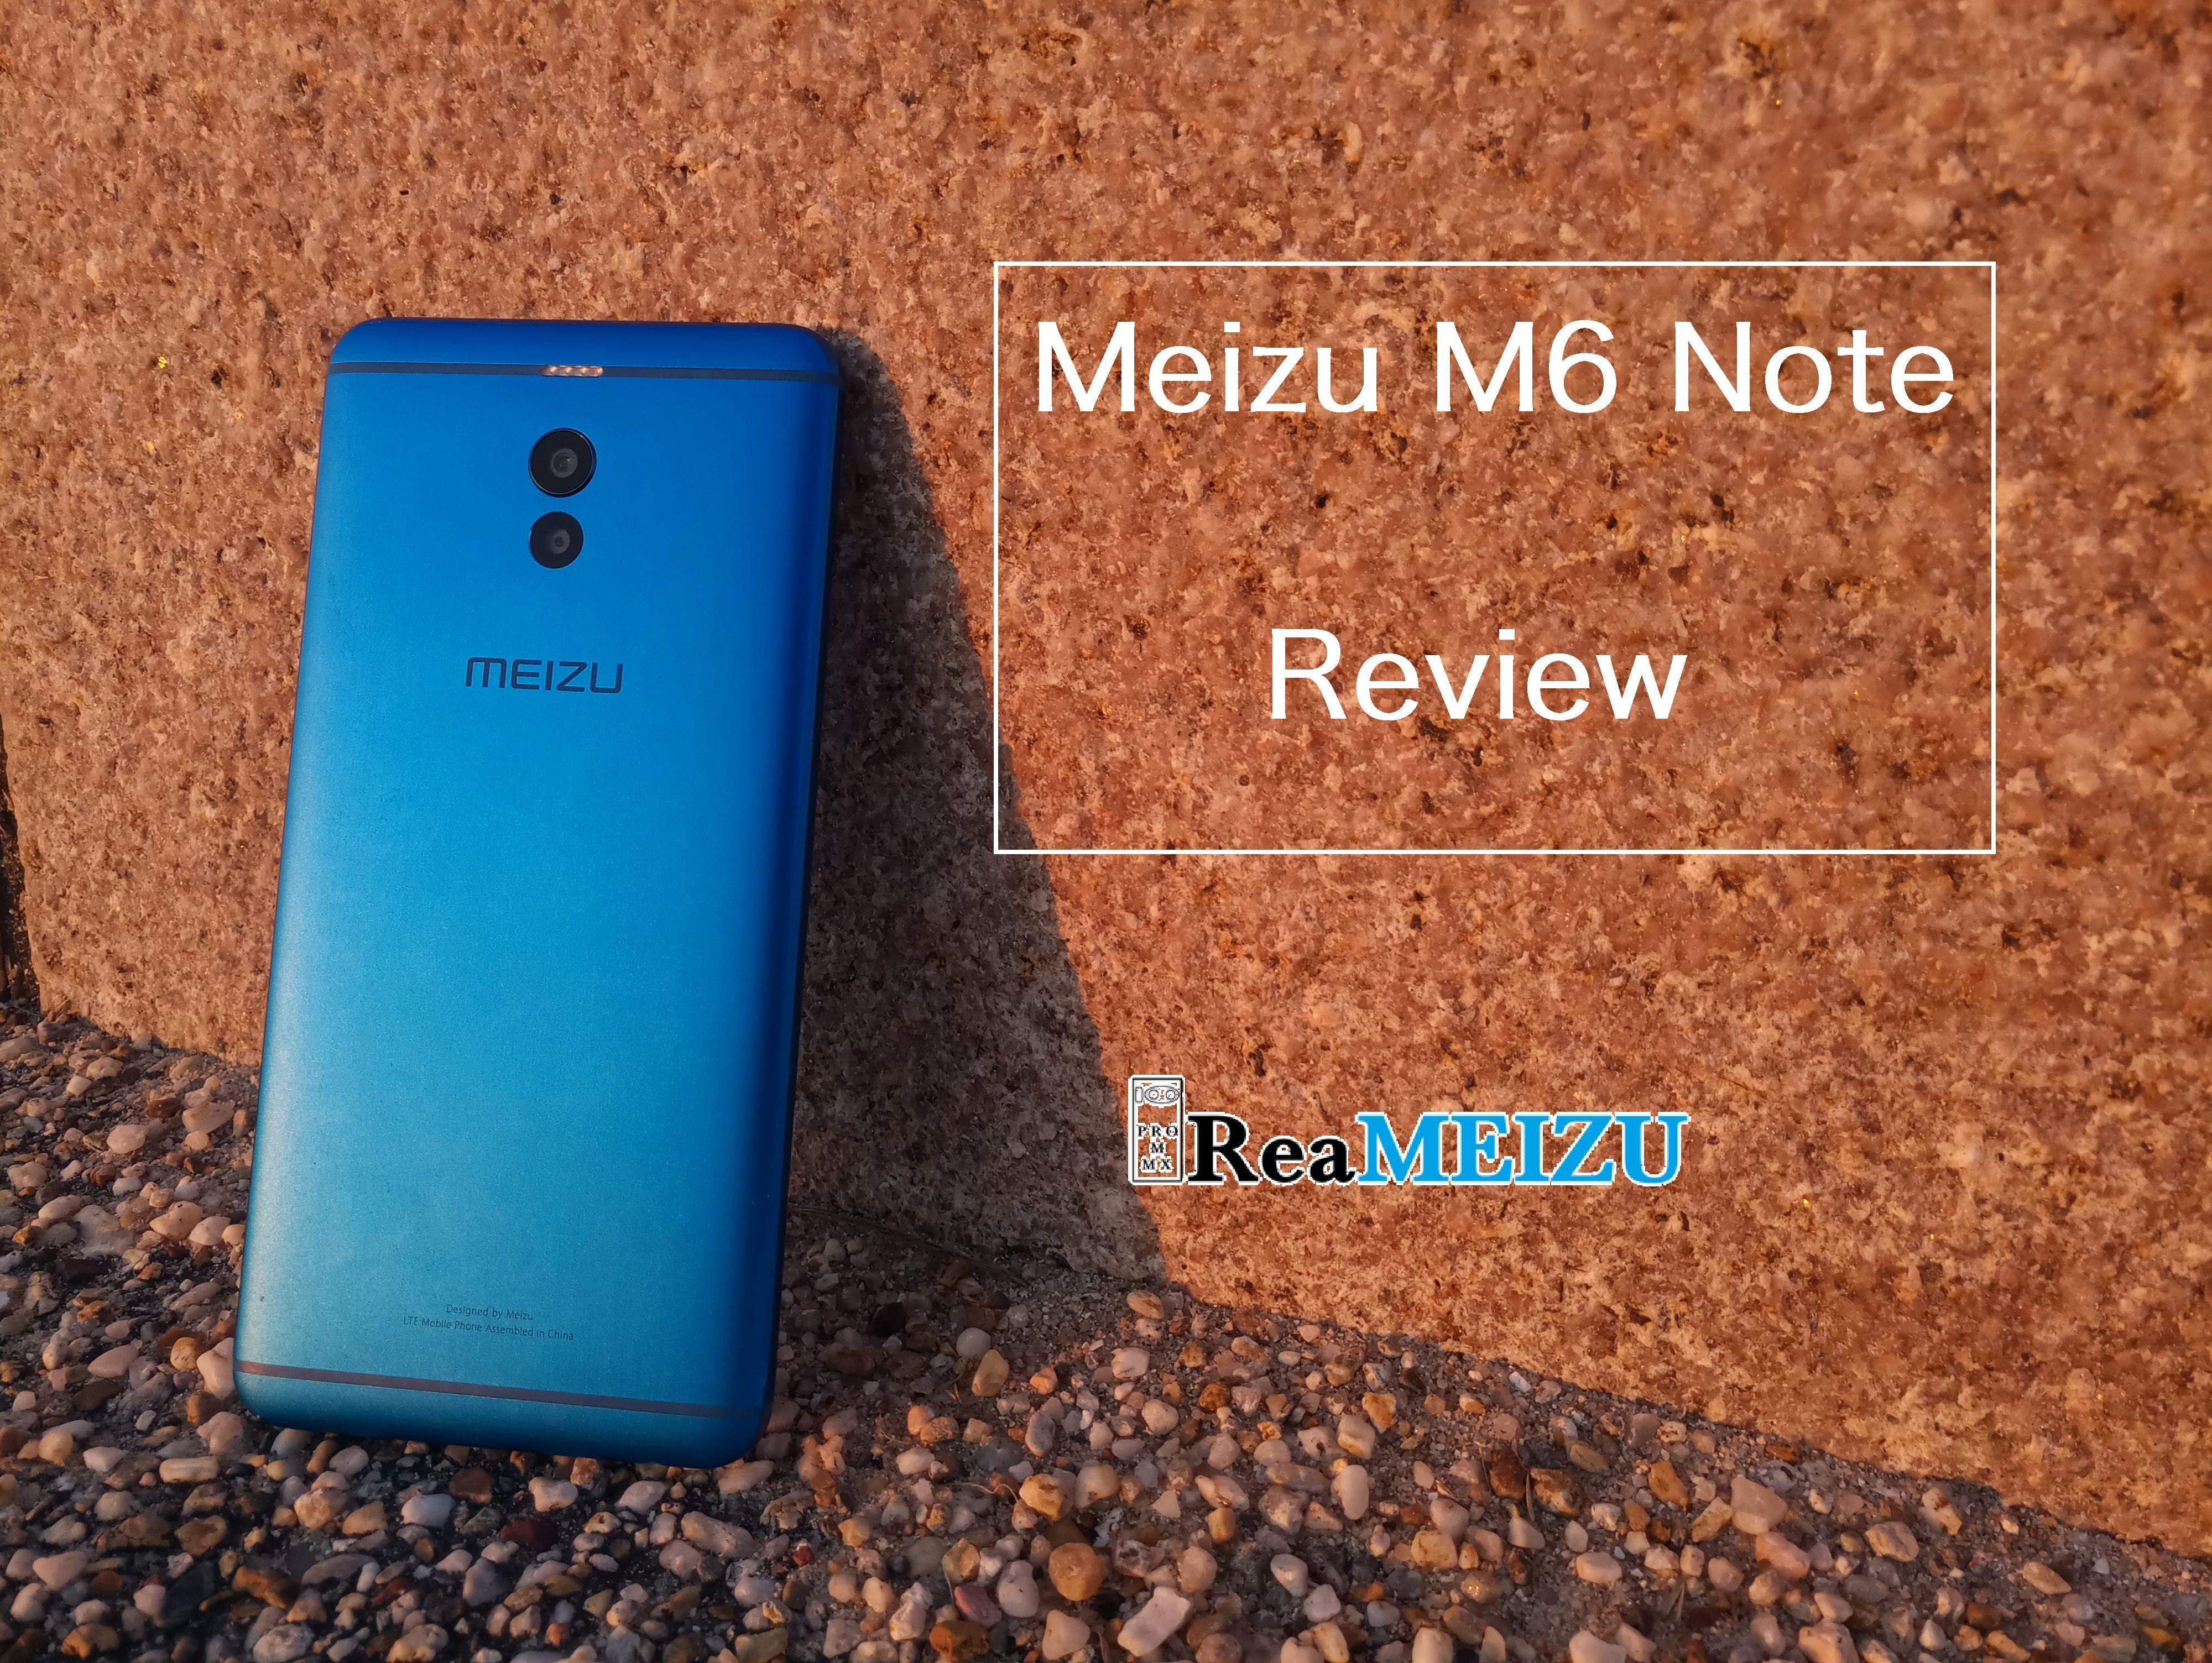 Meizu M6 Noteのフルレビュー – ミドルレンジながらカメラはトップクラス